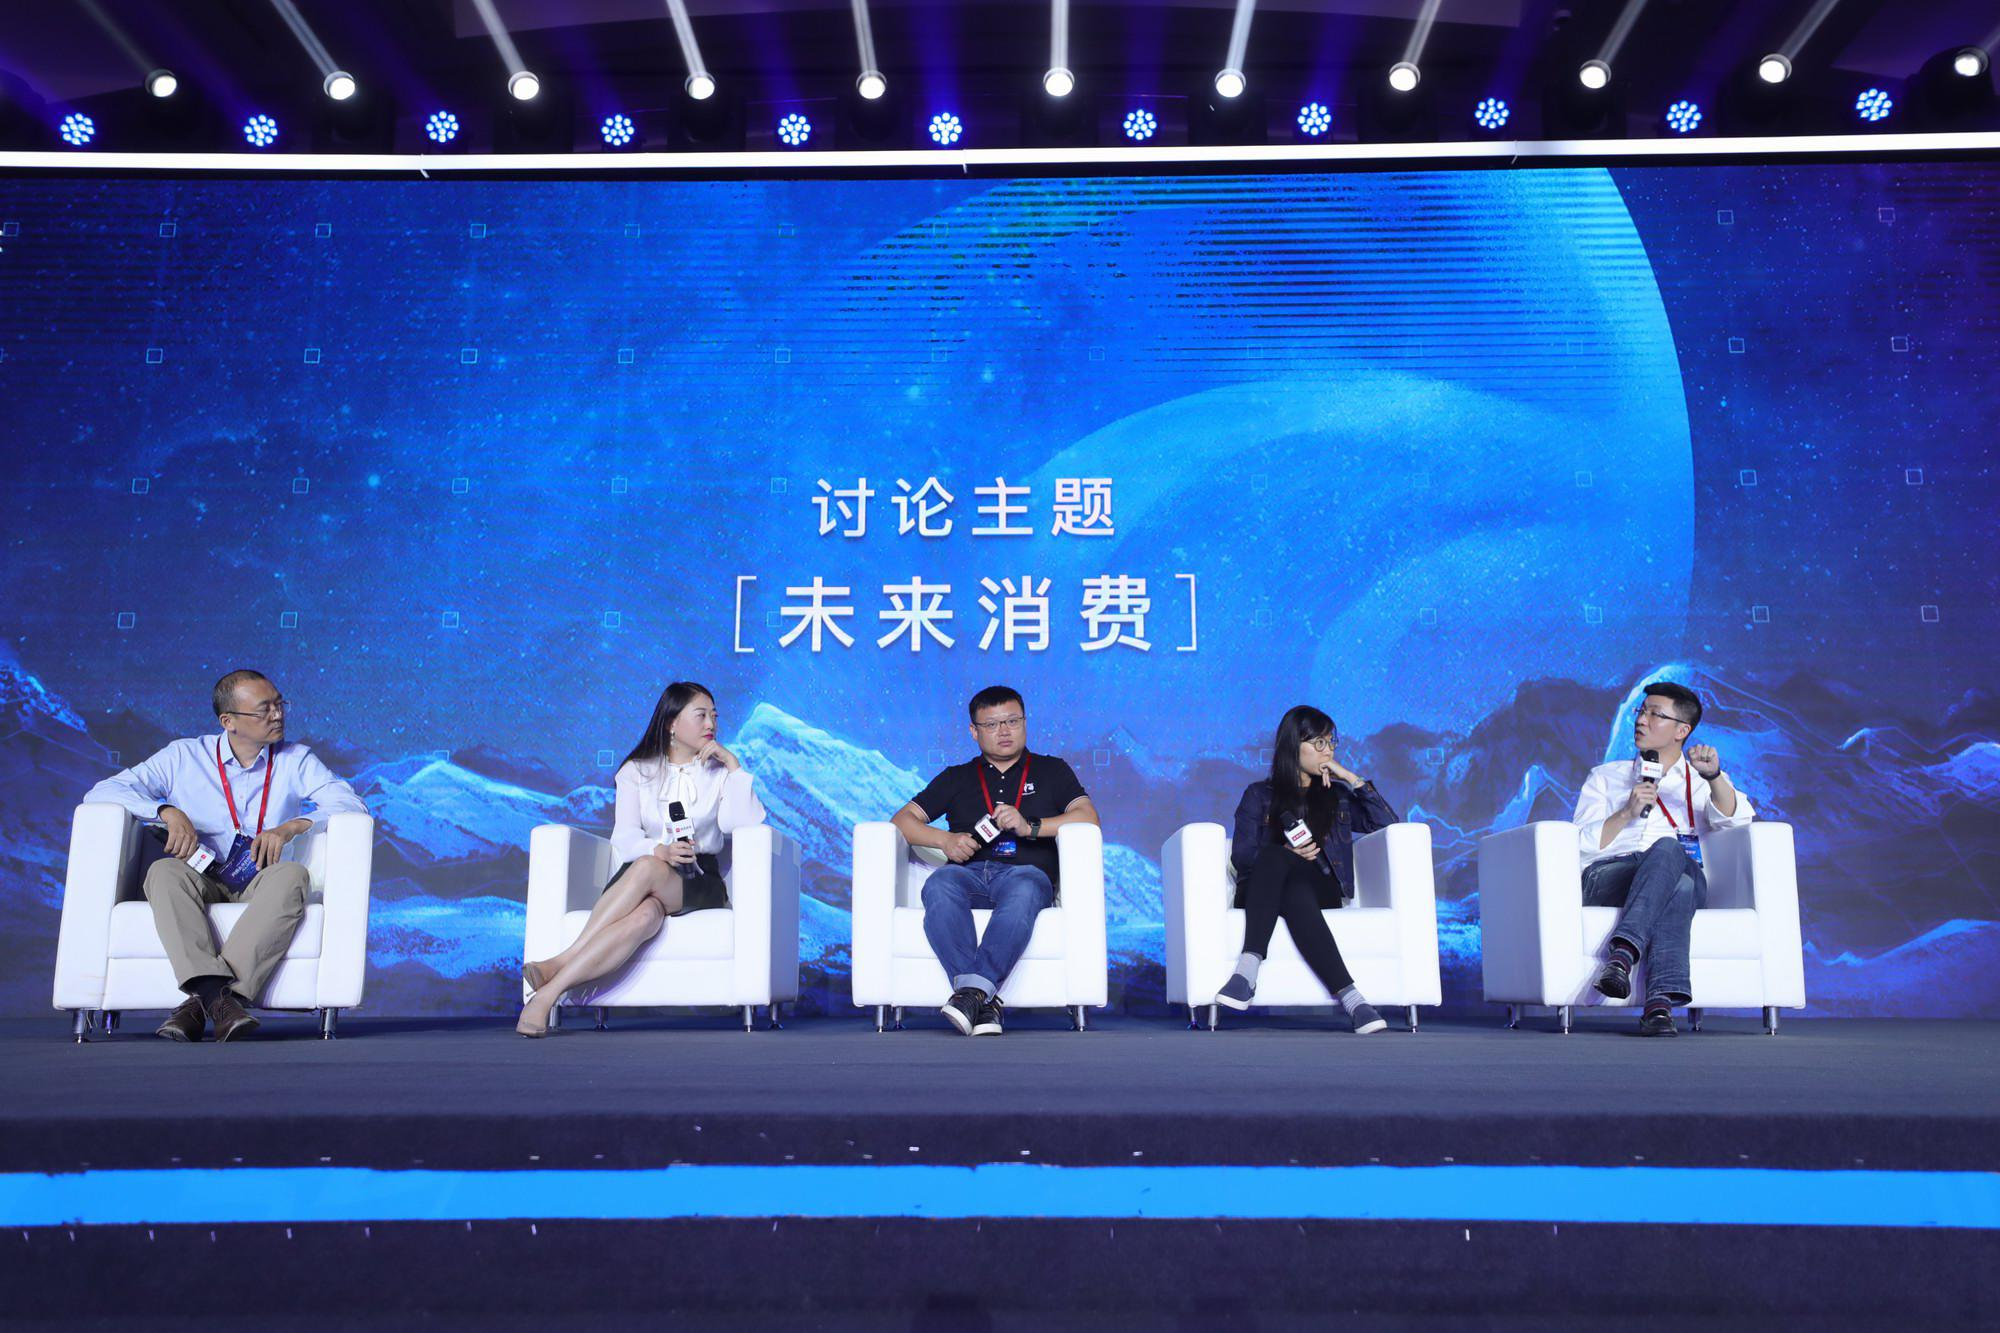 未来十年中国科技创新的机会在哪?他们给出了答案